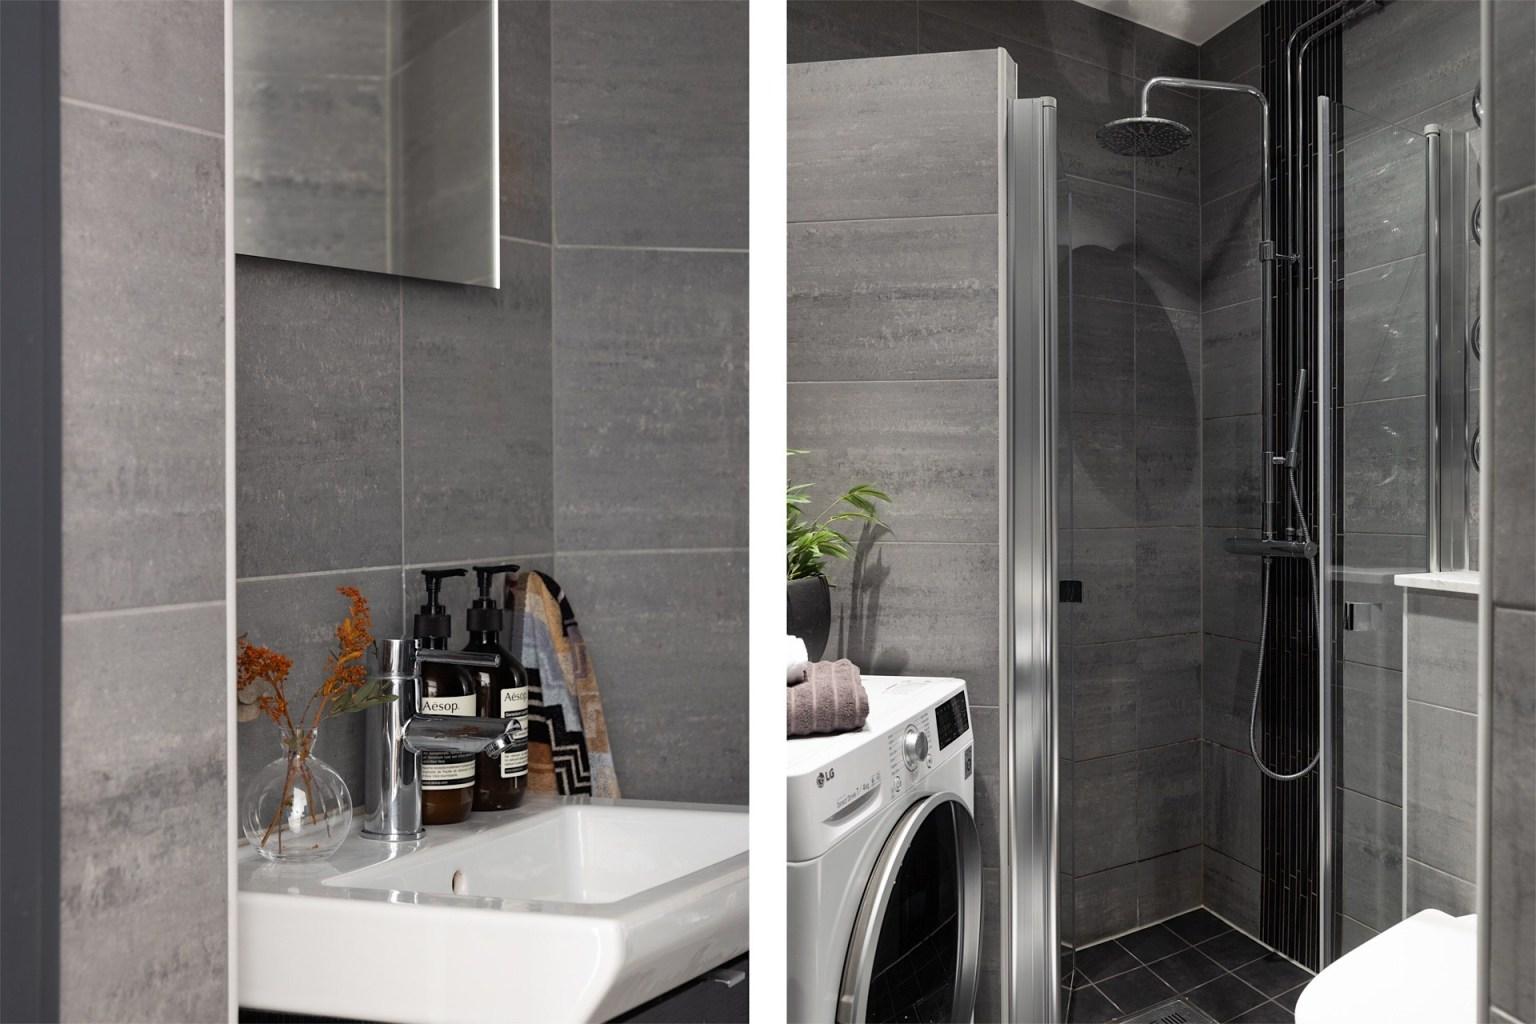 Khu vực phòng tắm, phòng vệ sinh hiện đại, tiện ích